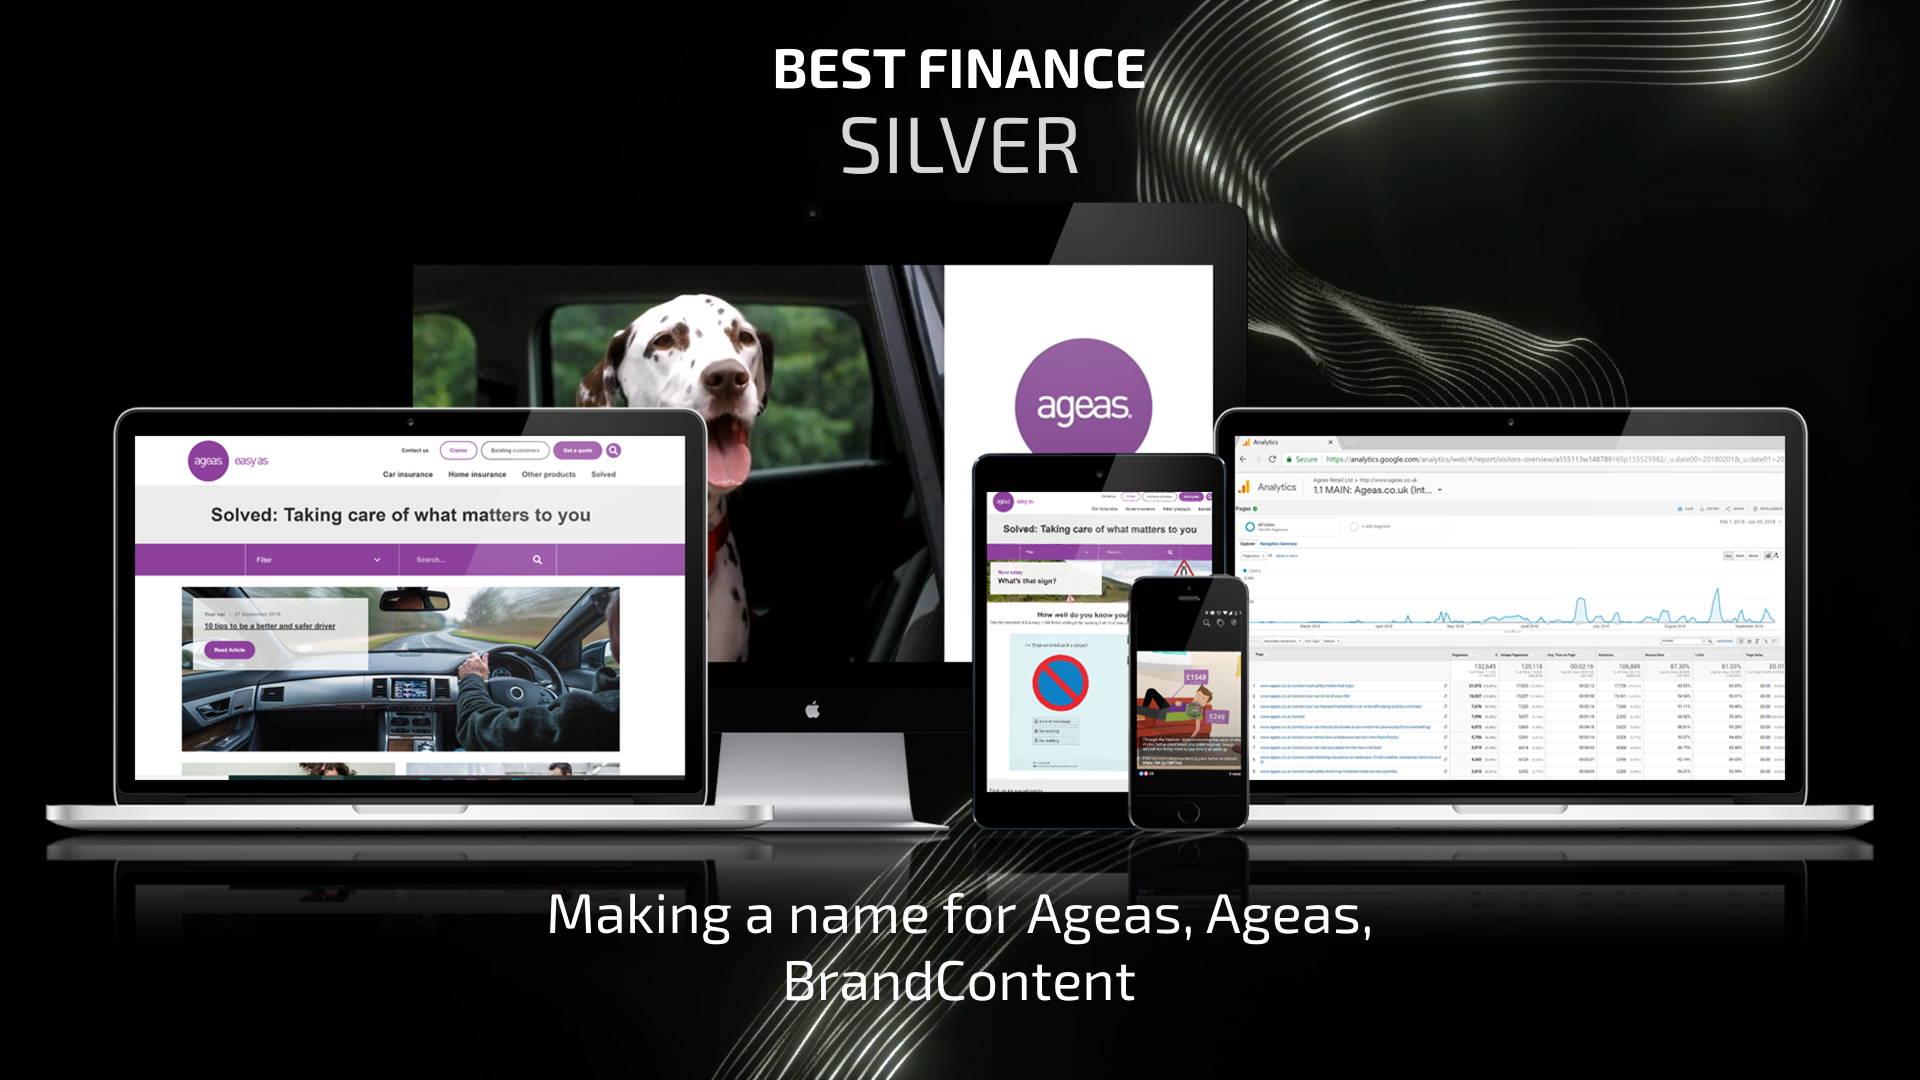 Best Finance - Silver